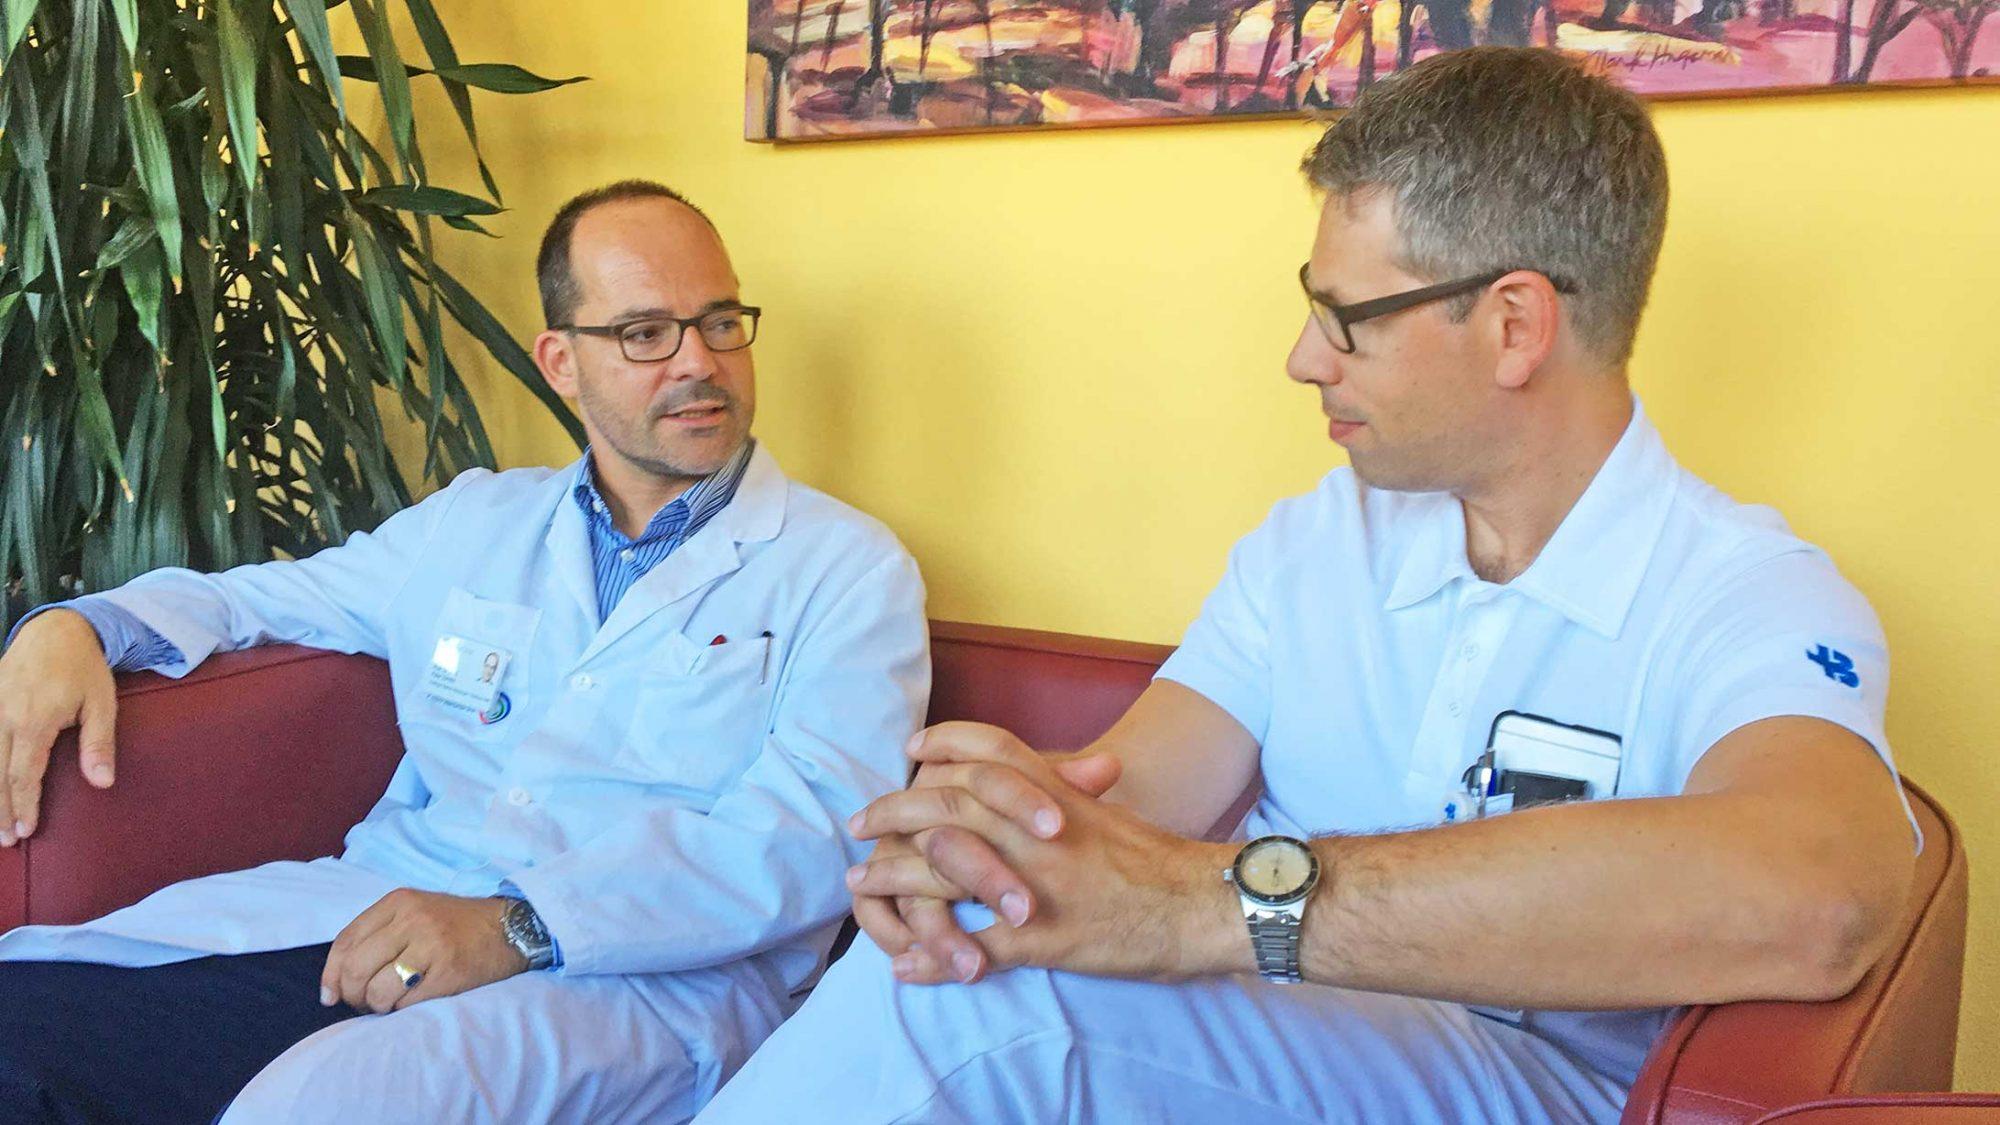 Prof. Dr. Peter Sandor und PD Dr. Alexander Tarnutzer im Gespräch.